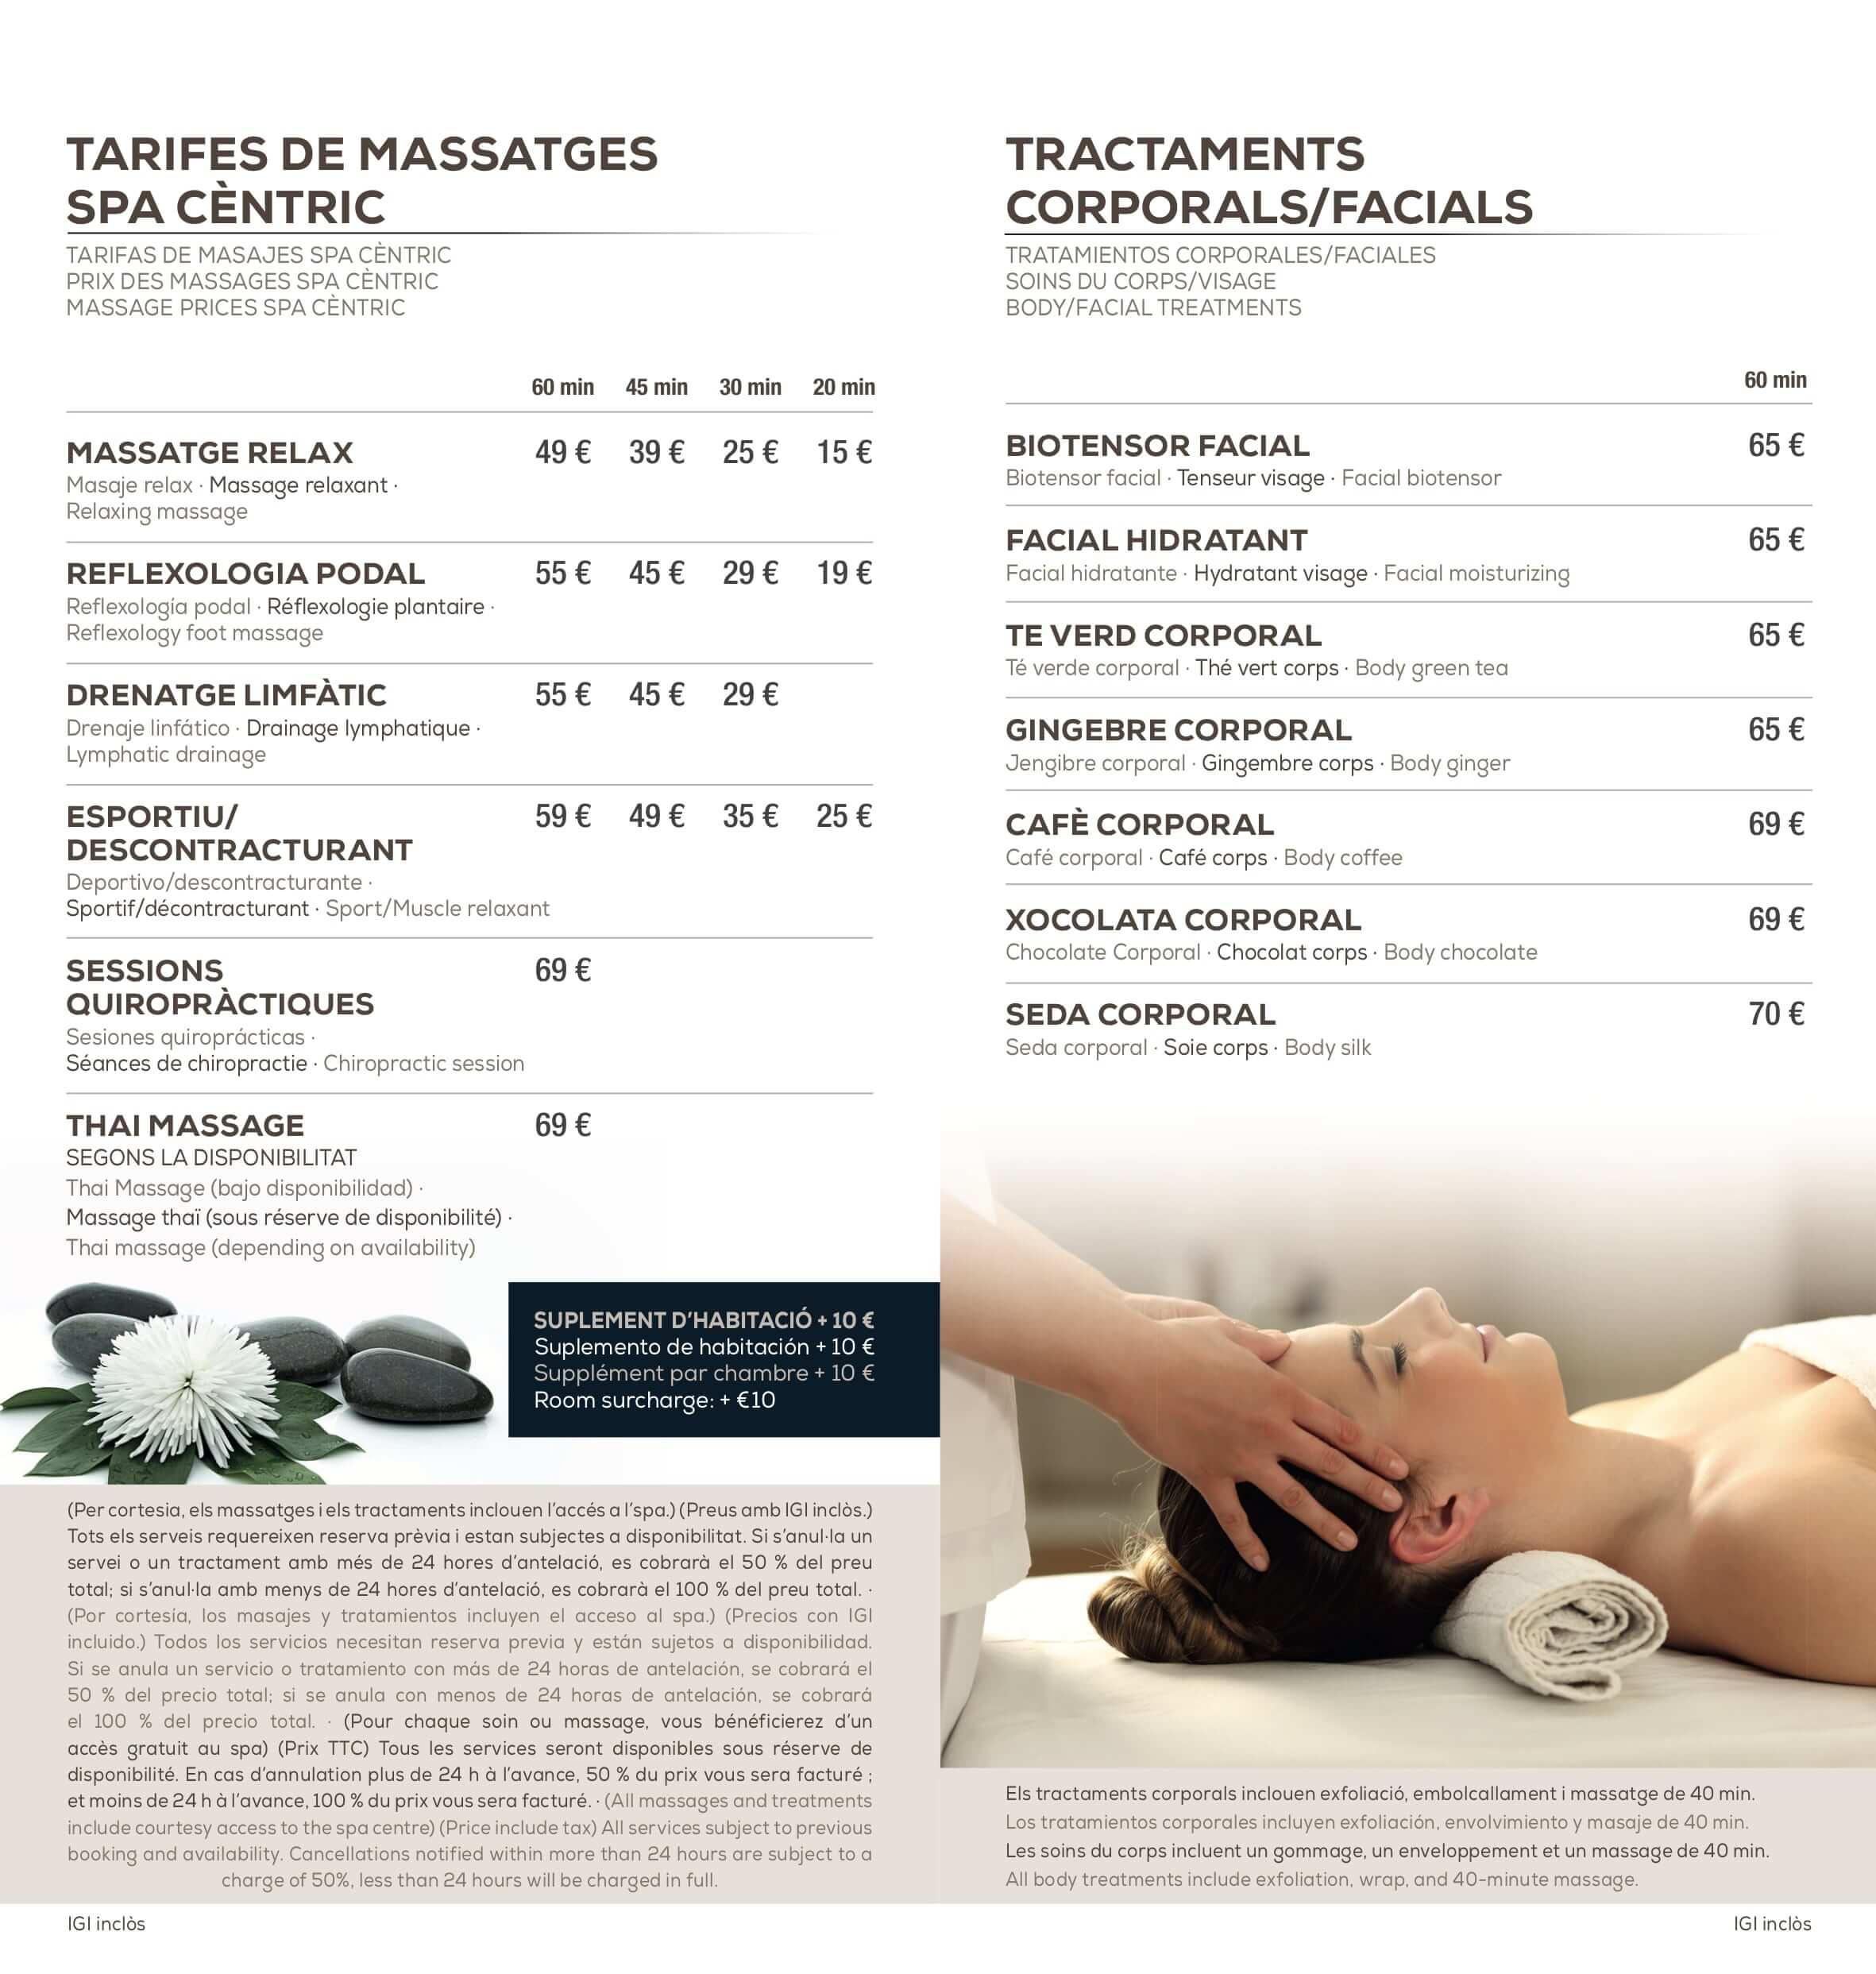 Centric Nova Carta Massatges 2019_pag2